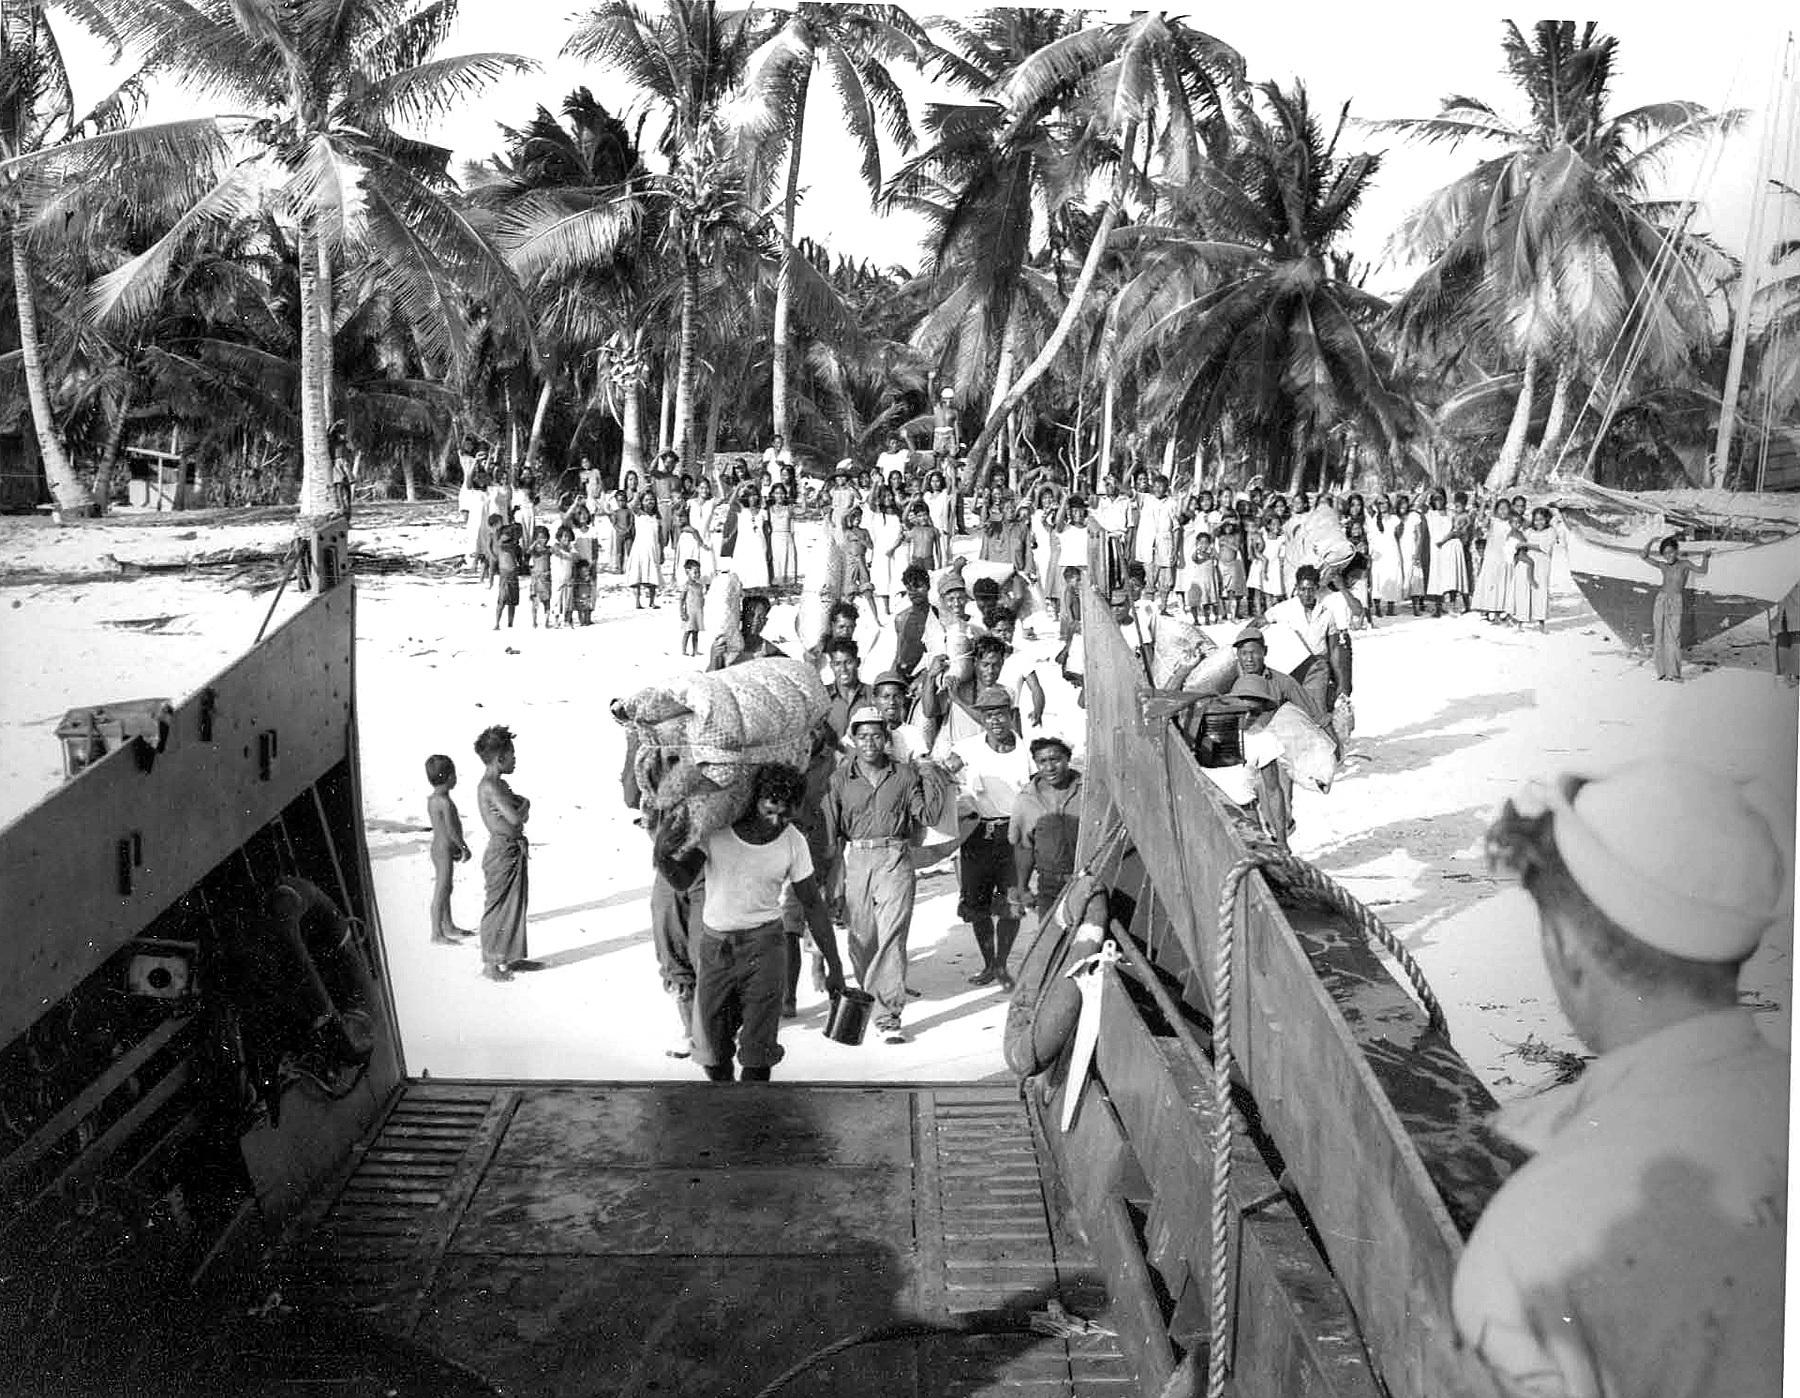 Nativos del atolón de Bikini, abandonando la isla para que los norteamericanos la pudieran fulminar con bombas atómicas.